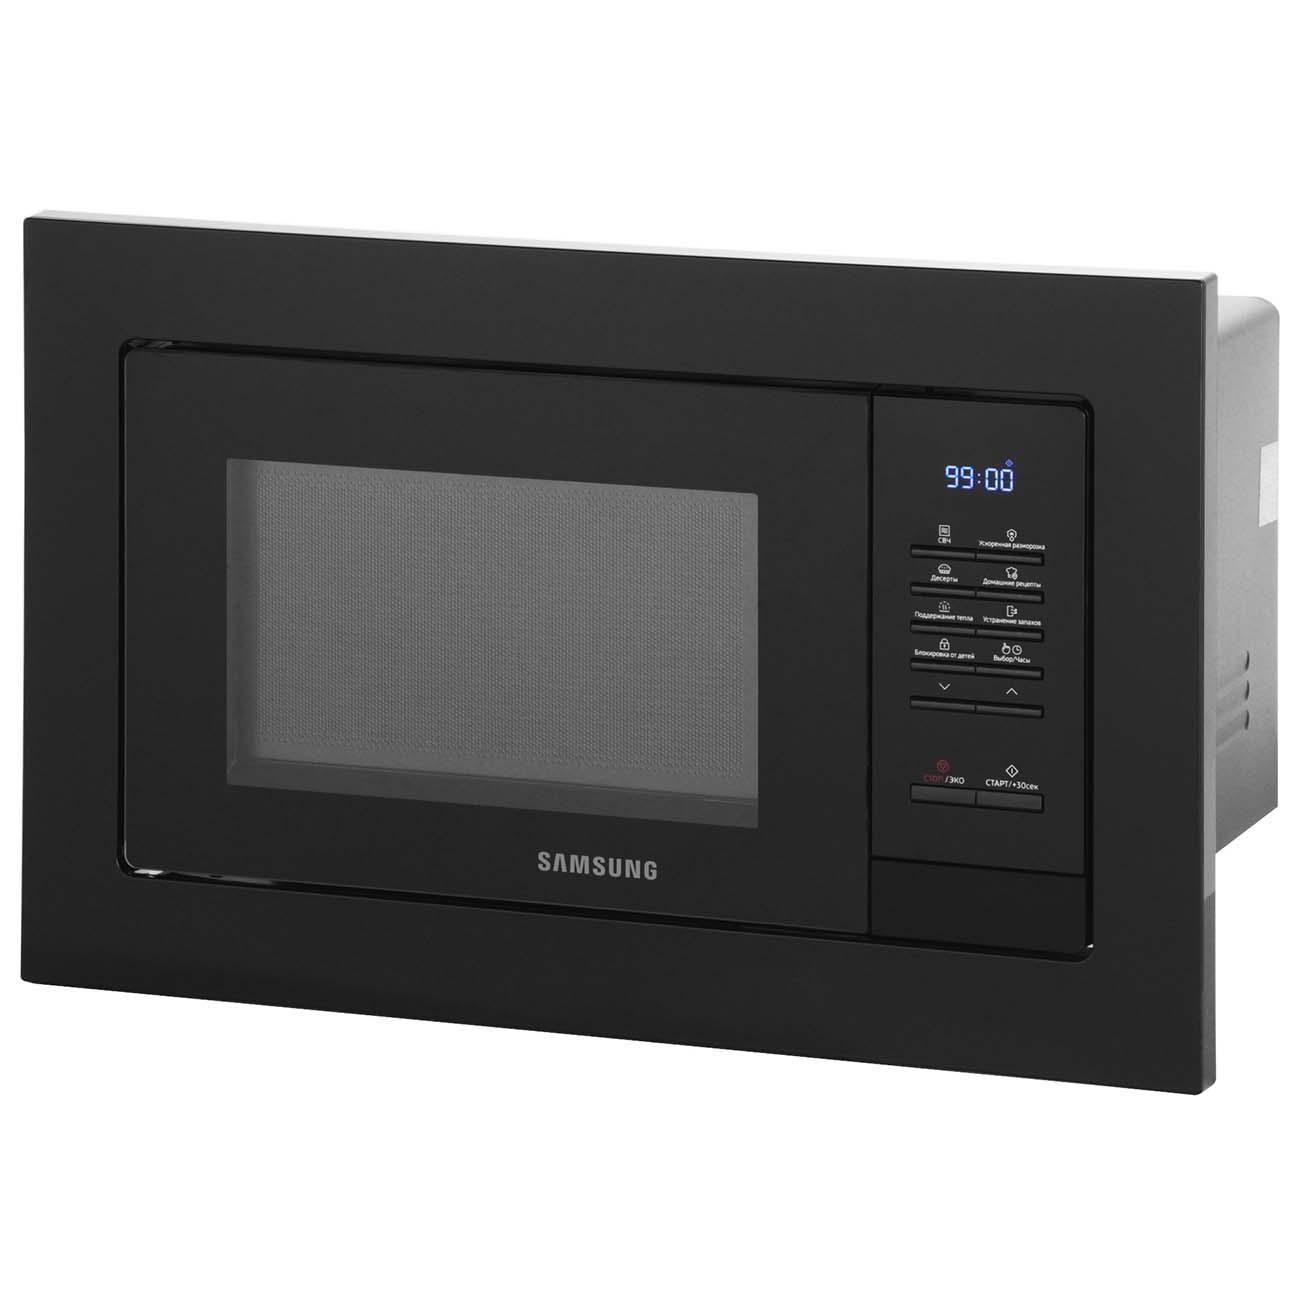 встраиваемая микроволновая печь Samsung Ms20a7013ab черный купить